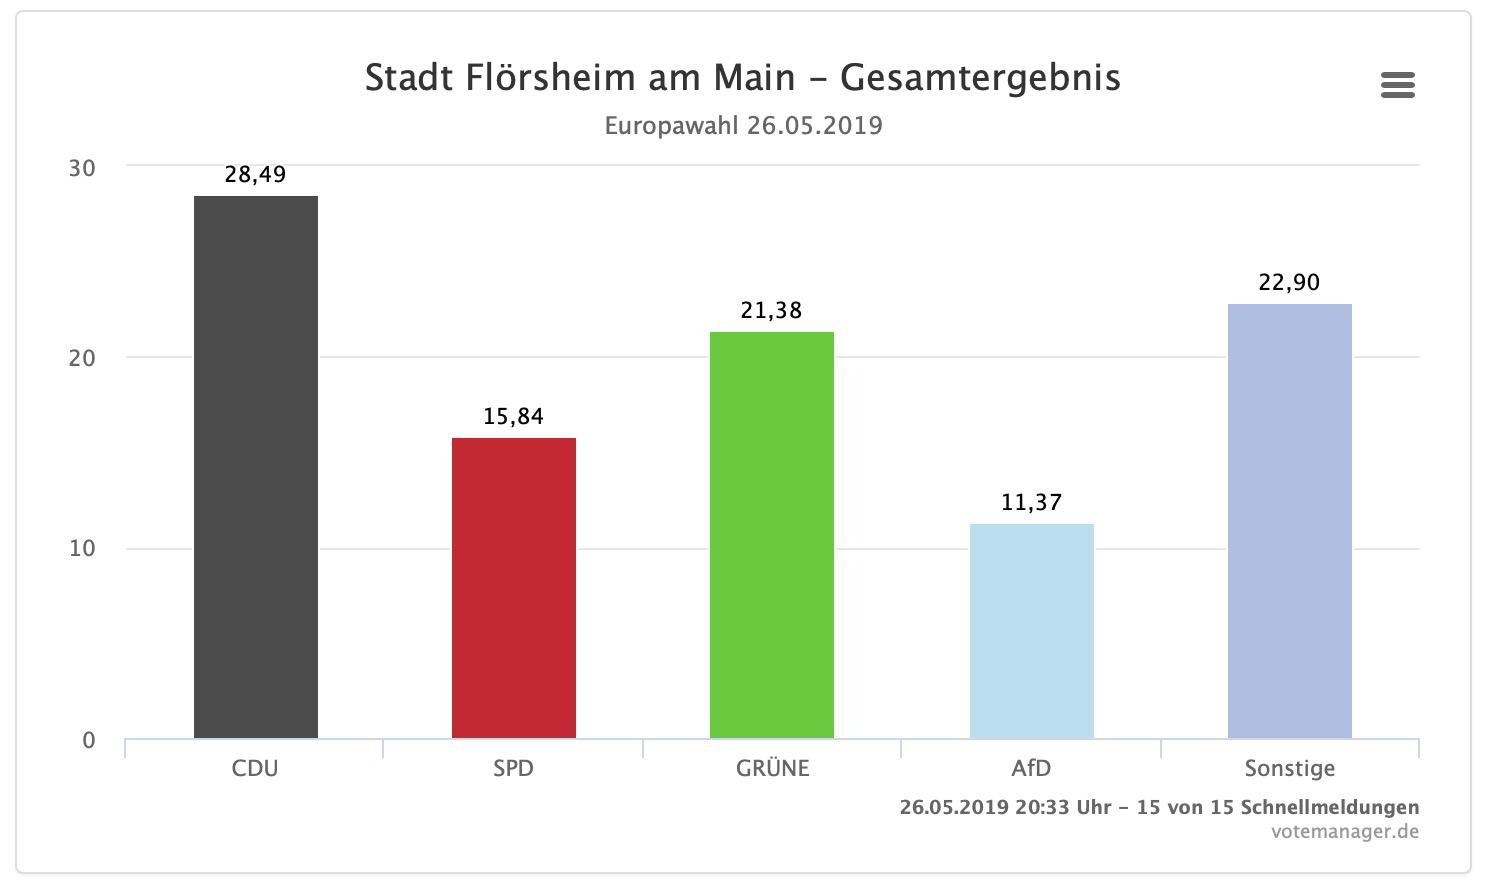 Flörsheimer Europawahlergebnis 2019